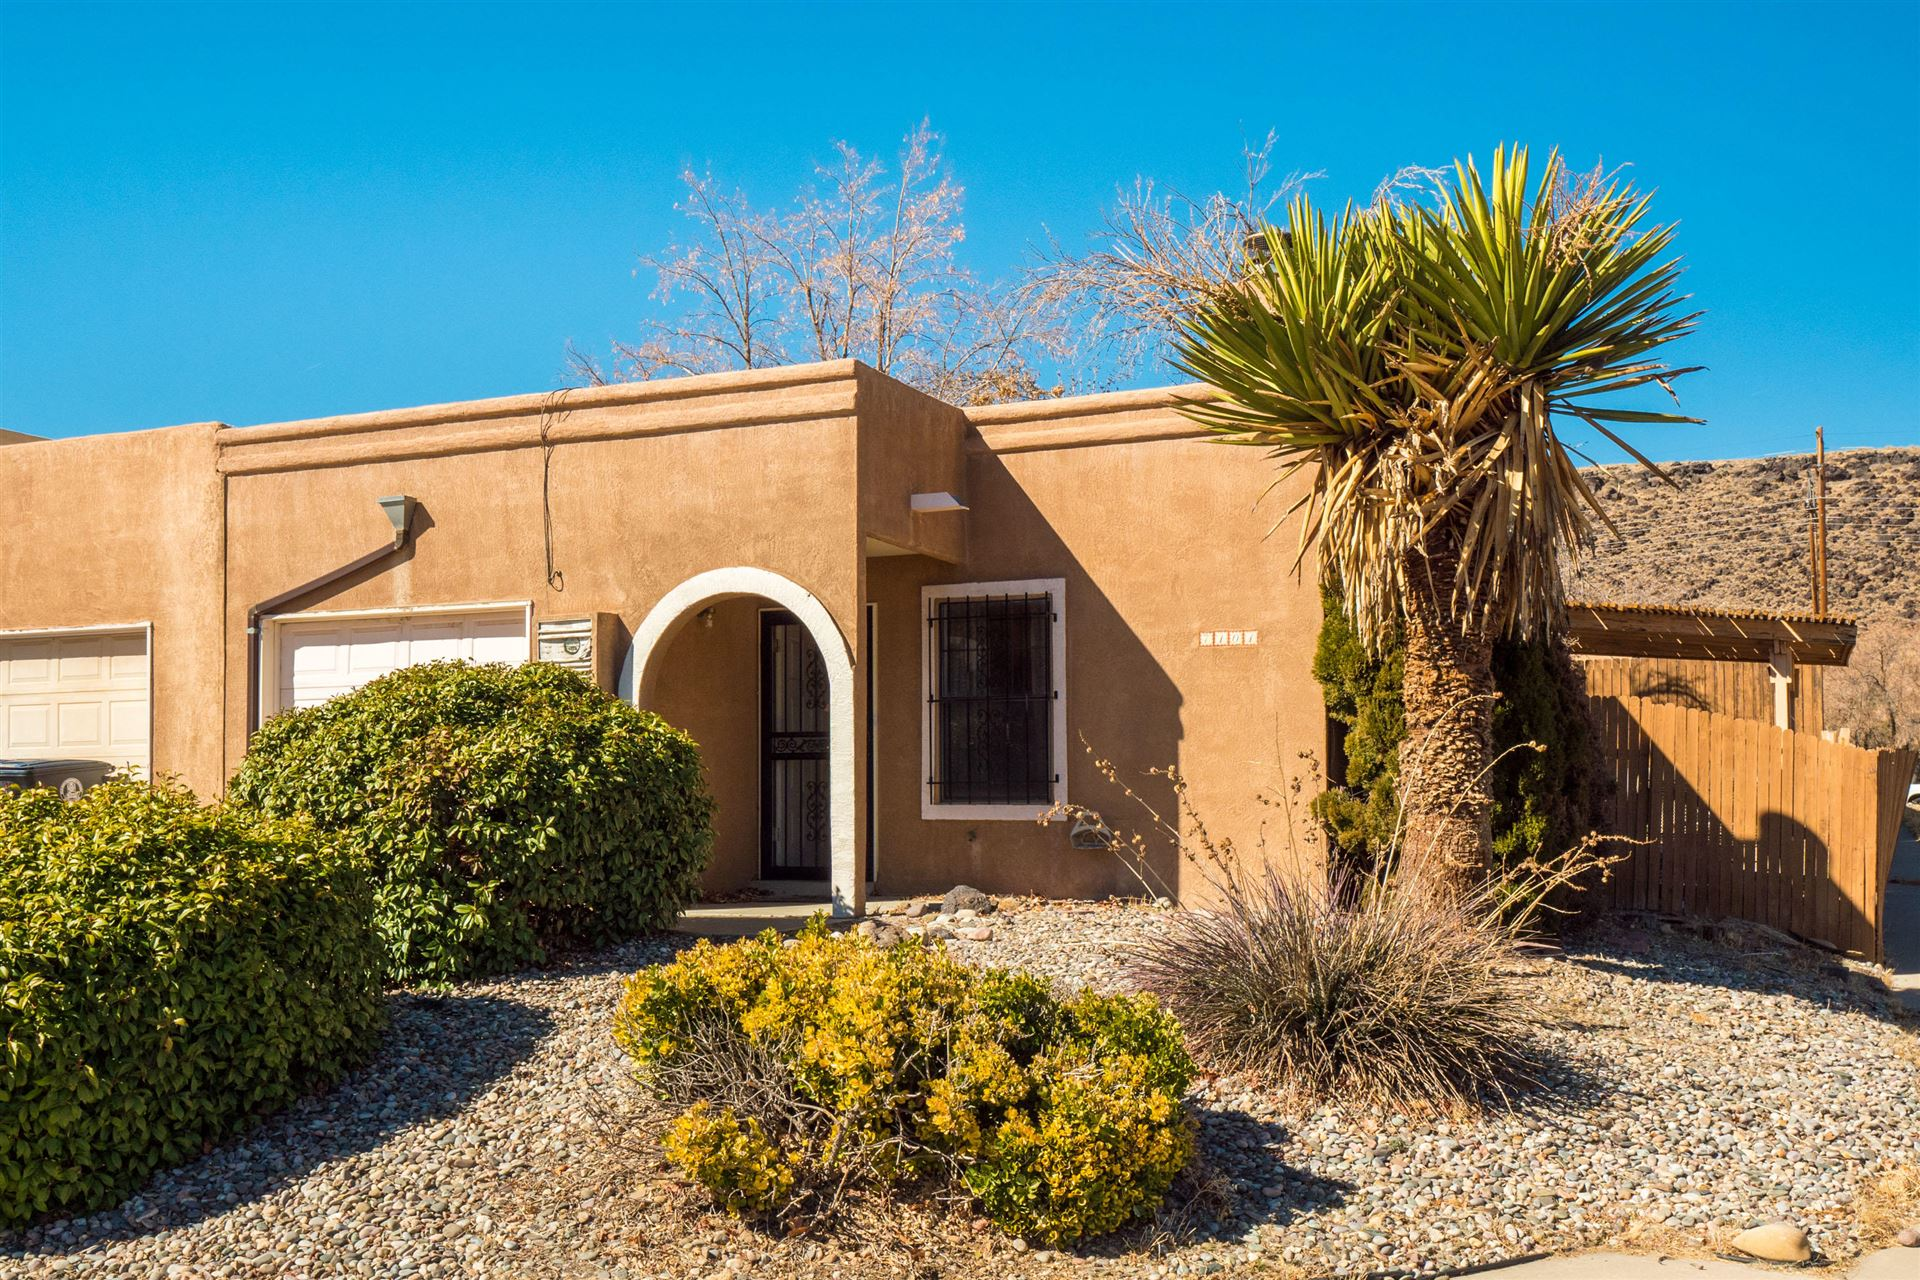 7101 ARMAND Road NW, Albuquerque, NM 87120 - MLS#: 986614